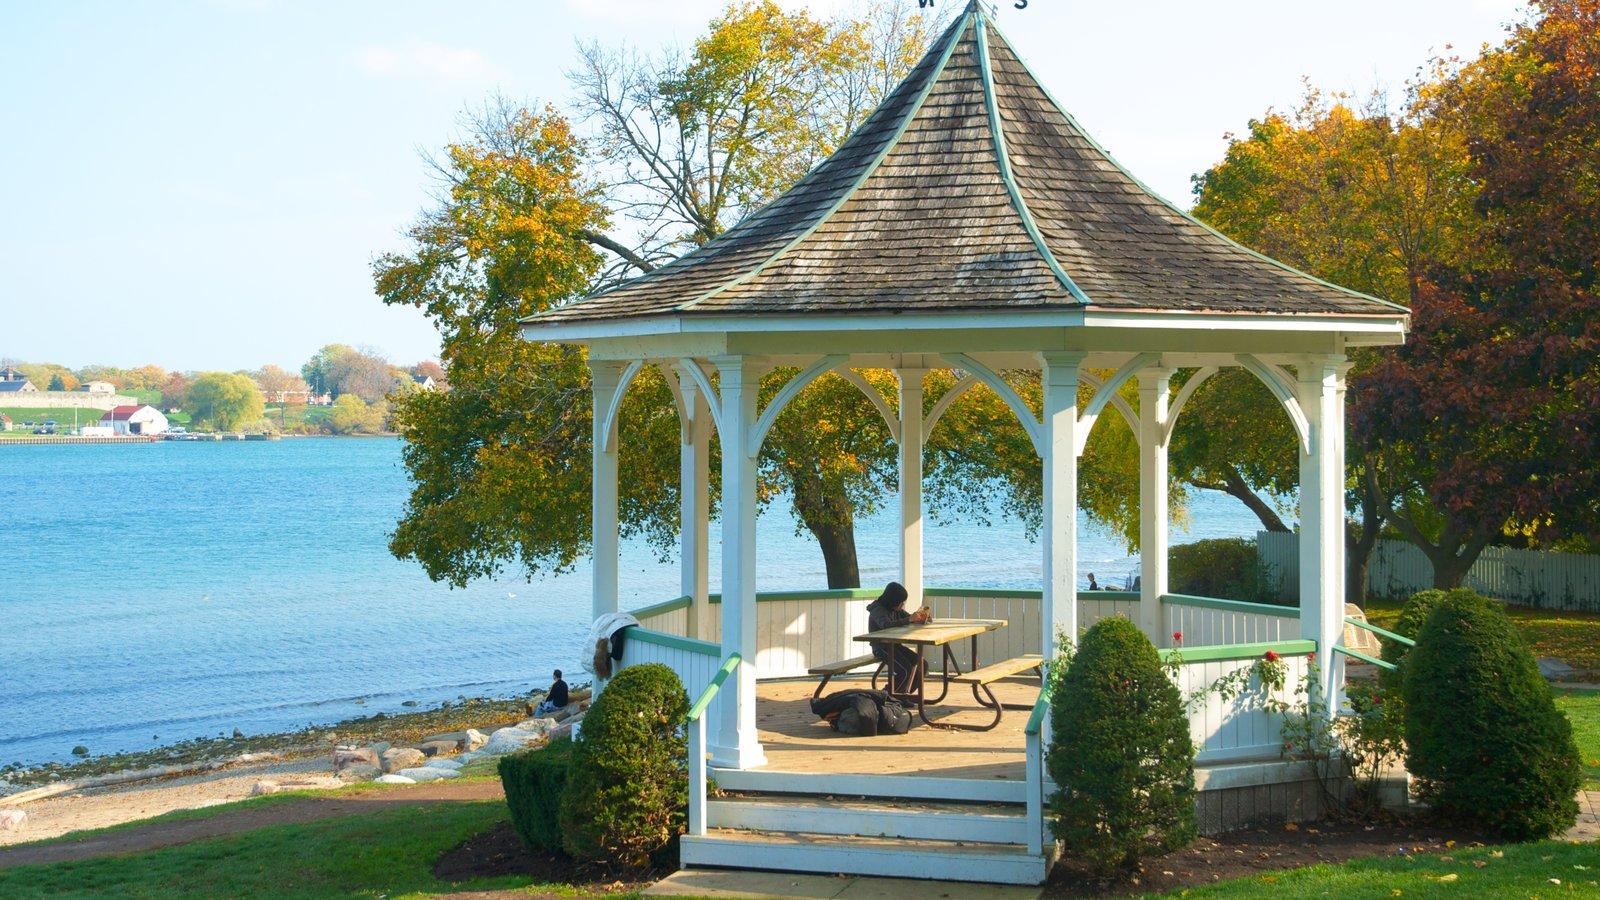 Niagara-on-the-Lake caracterizando um parque